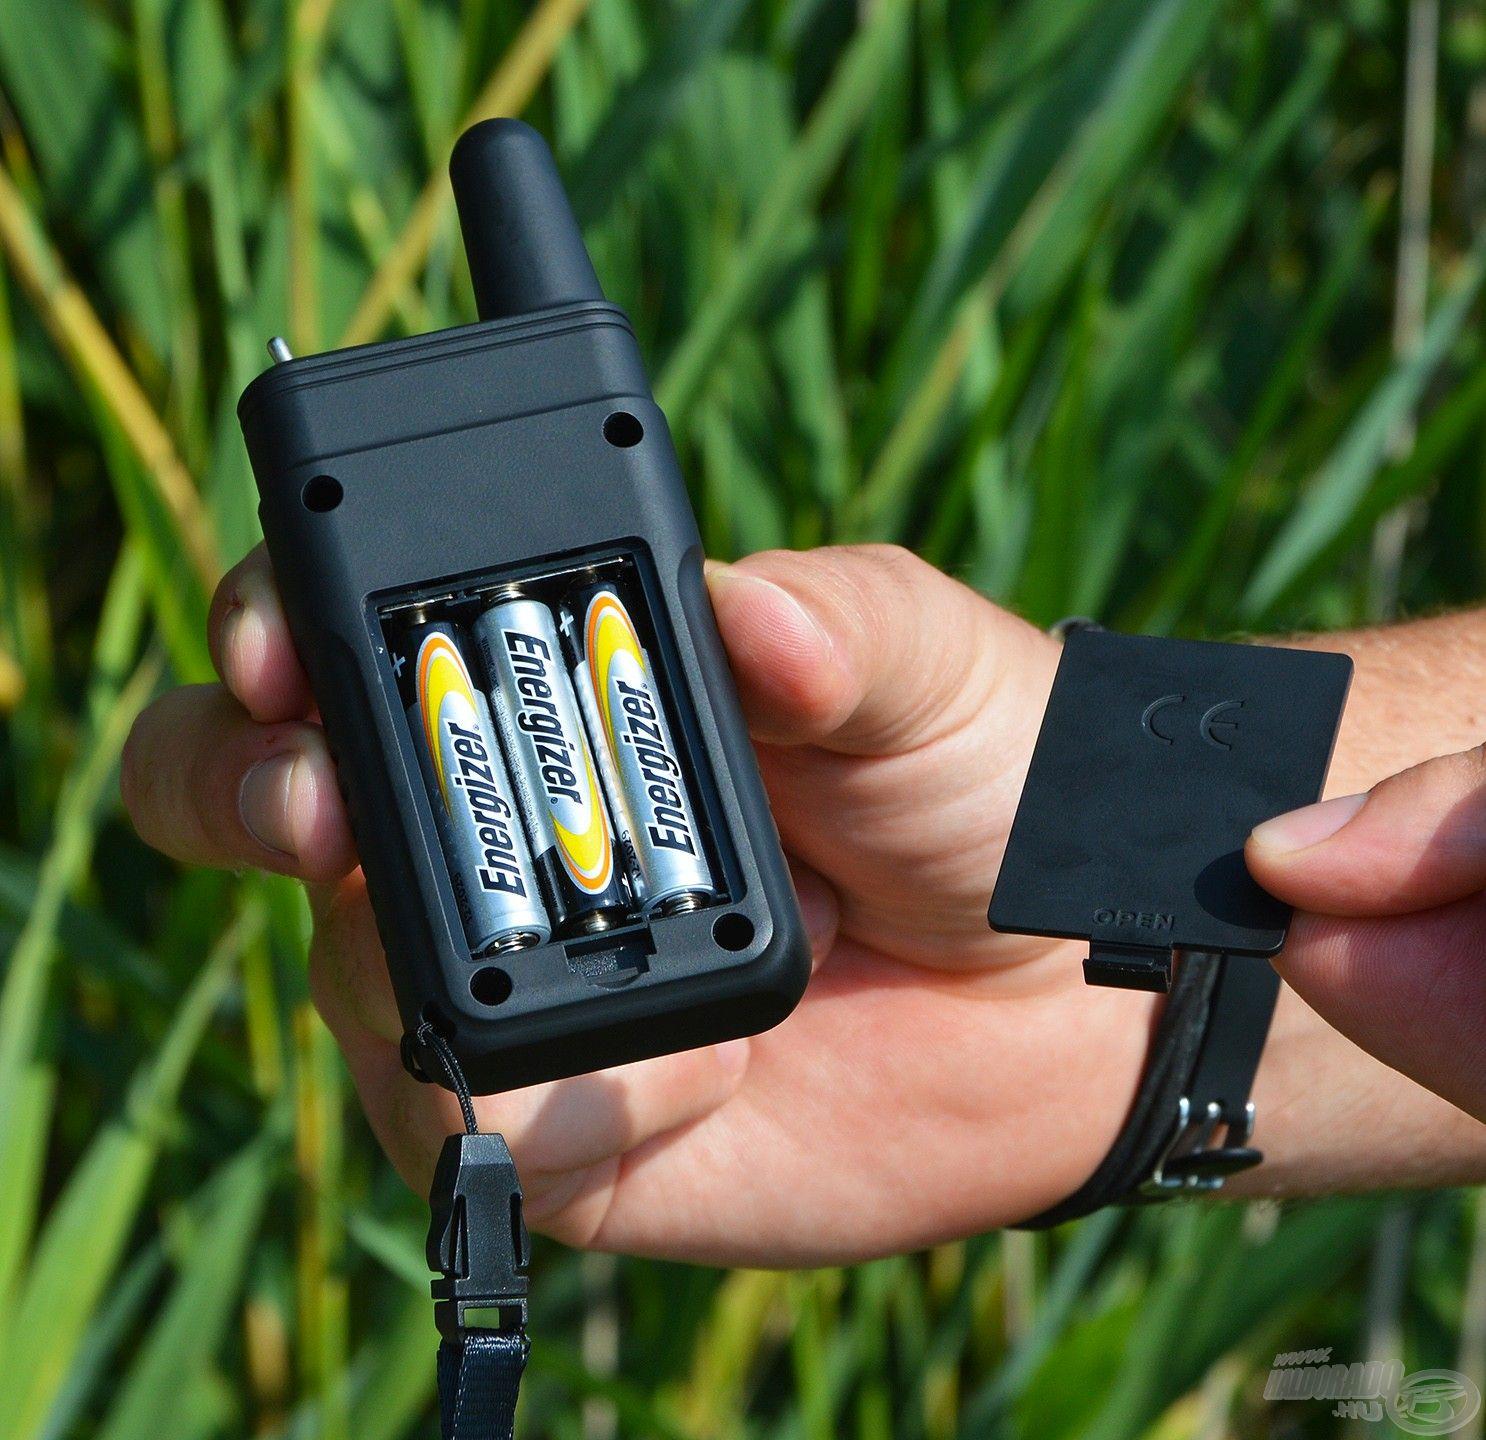 Ennek az energiaellátásáról is 3 db AAA méretű (mini) ceruzaelem gondoskodik, akárcsak az adóegységek, vagyis a jelzők esetében